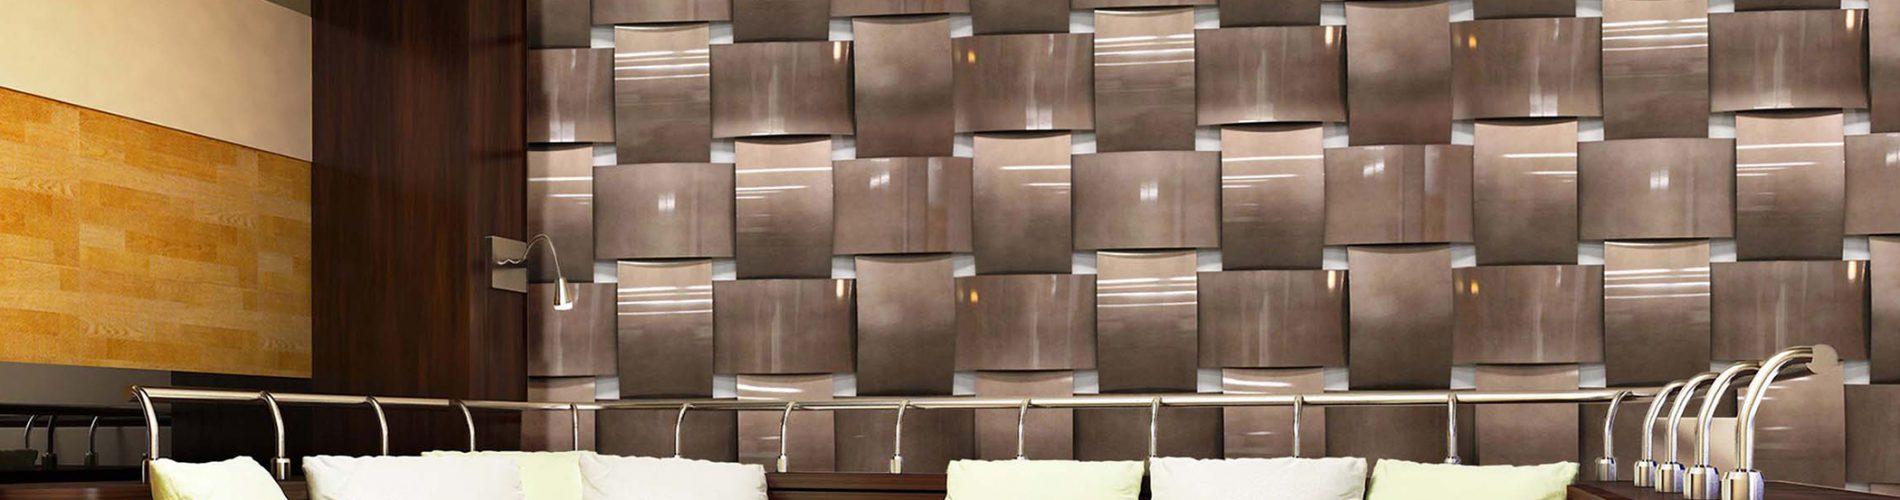 Basket Weave, Weave Wall, Tides, Dimensional Walls, Moz Designer Metals